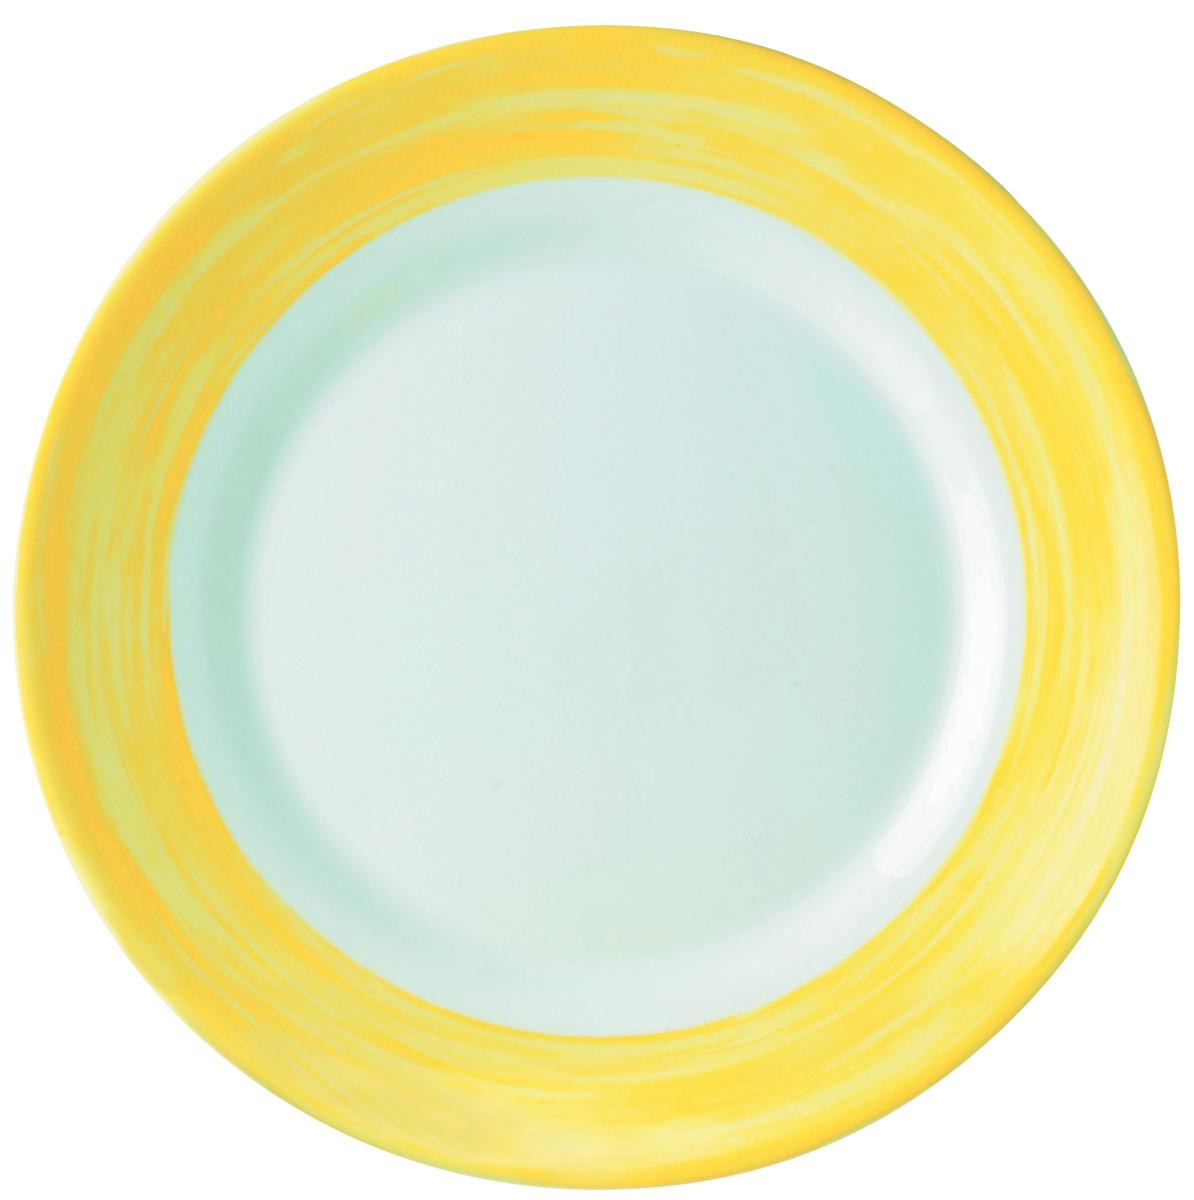 Assiette creuse ronde jaune verre Ø 22,50 cm Brush Arcoroc